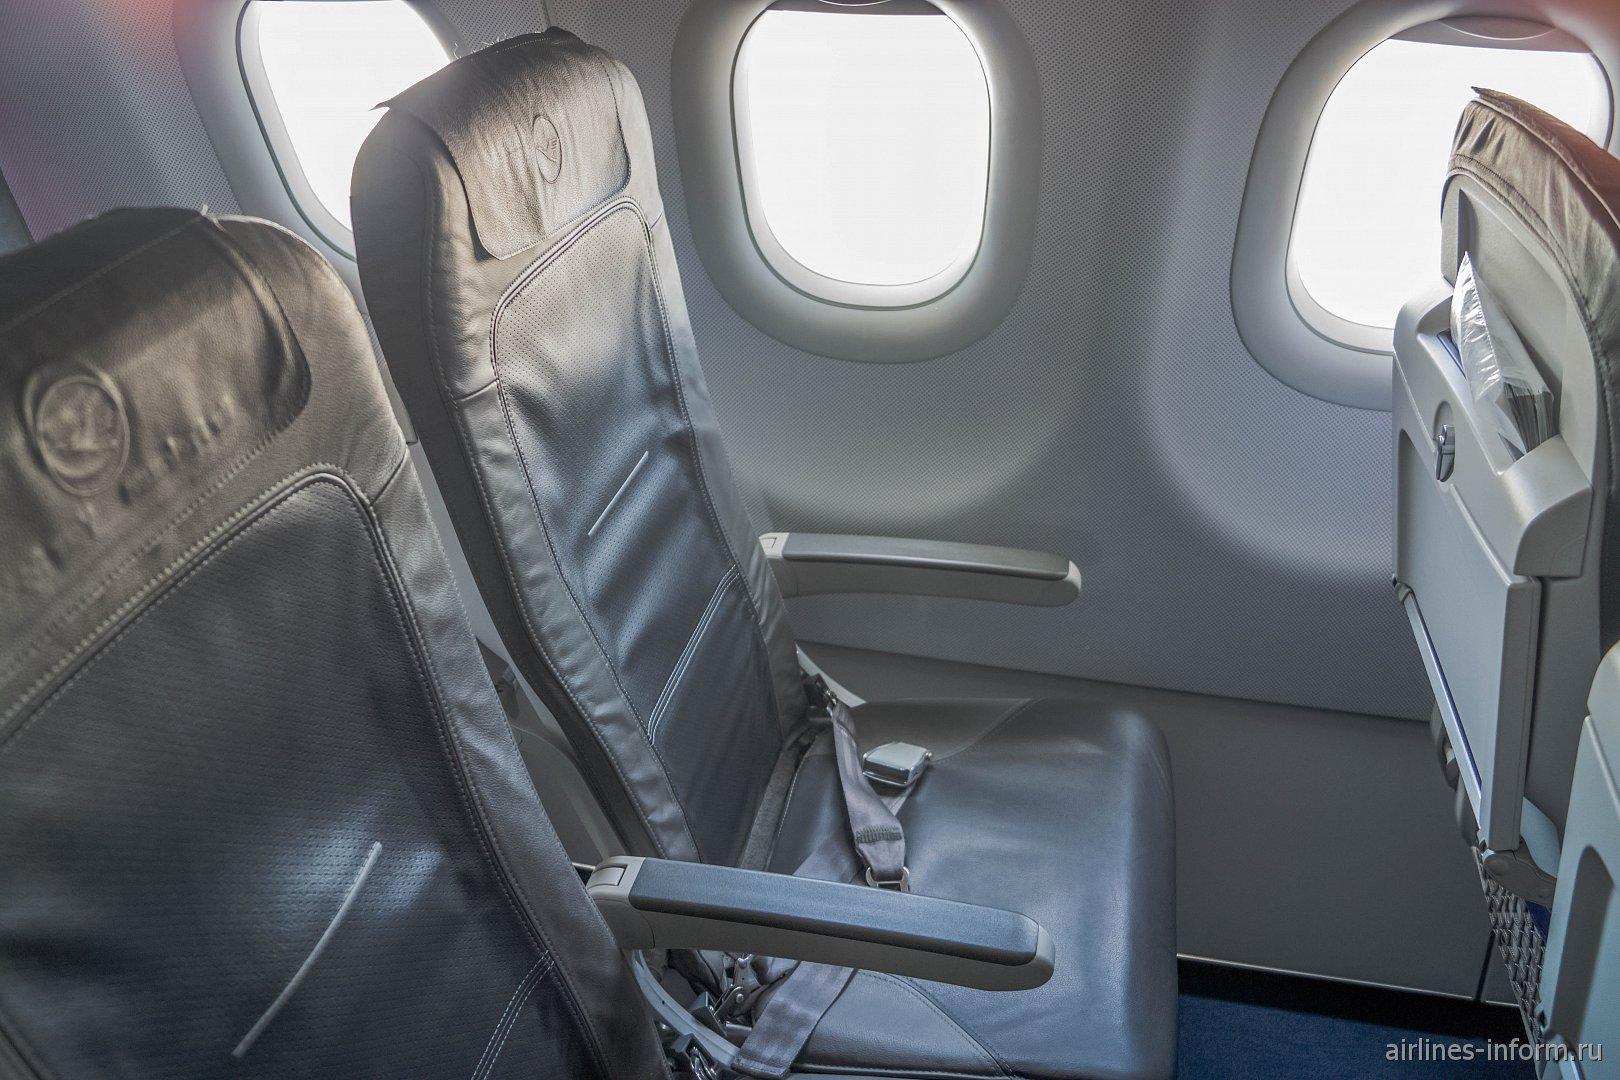 Пассажирские кресла в самолете Airbus A320 авиакомпании Lufthansa